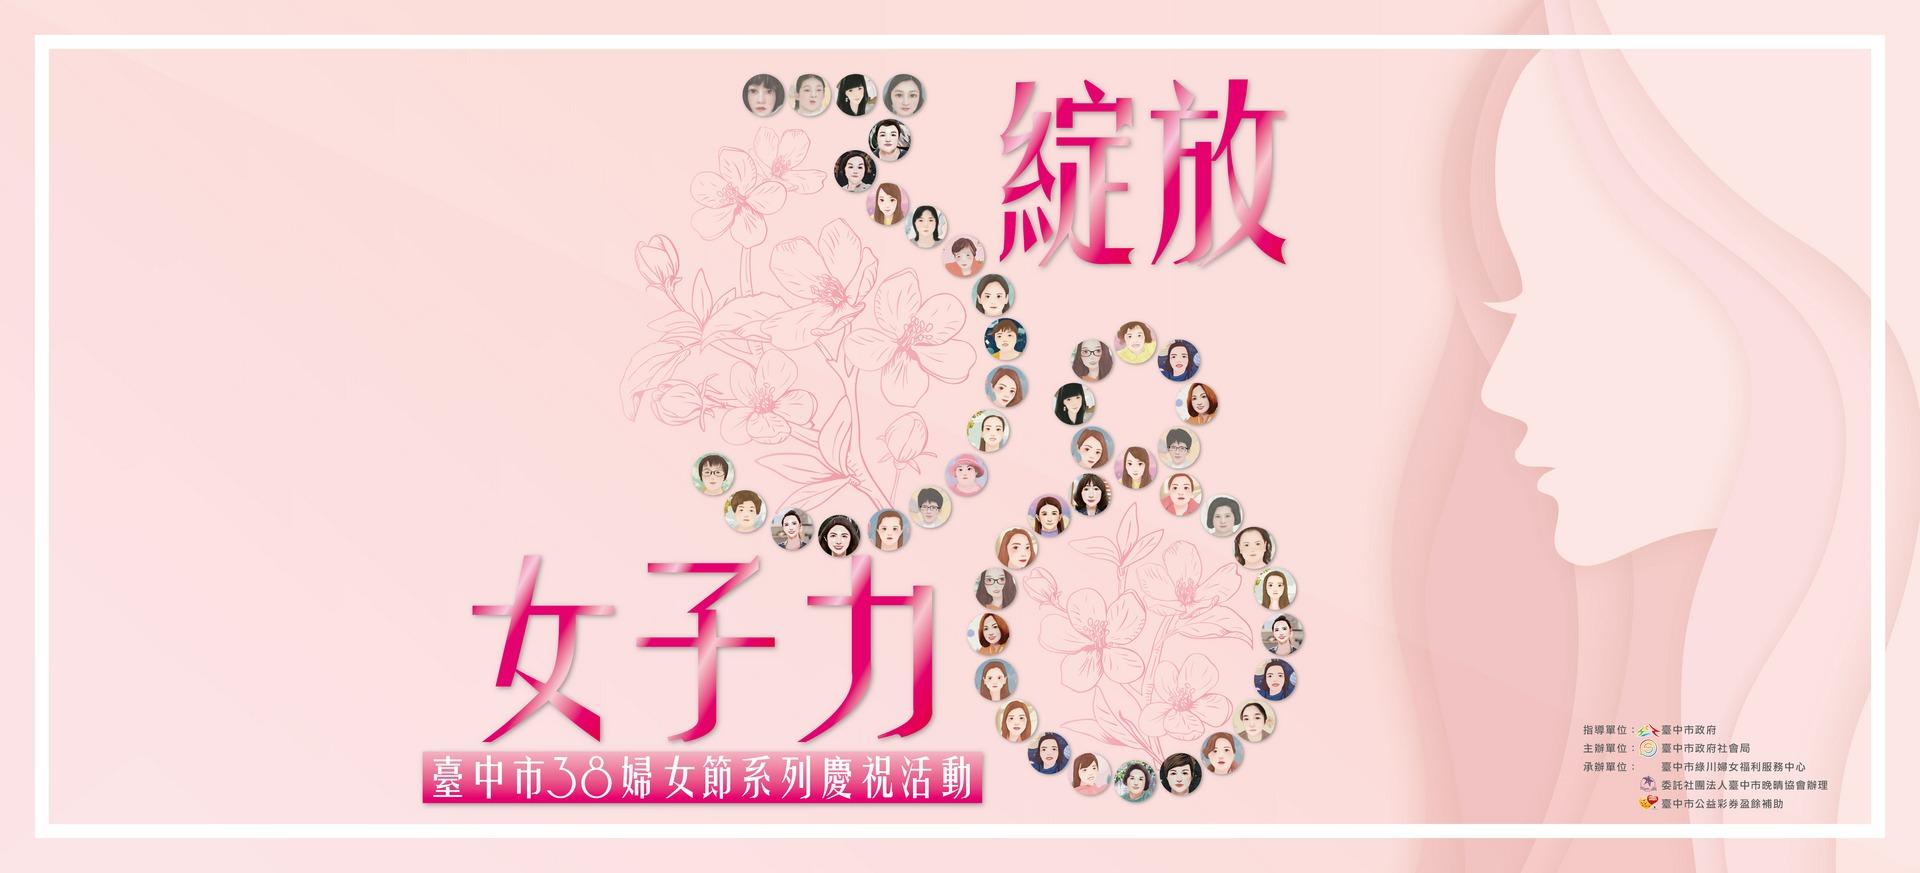 38綻放女子力-婦女節系列慶祝活動主視覺